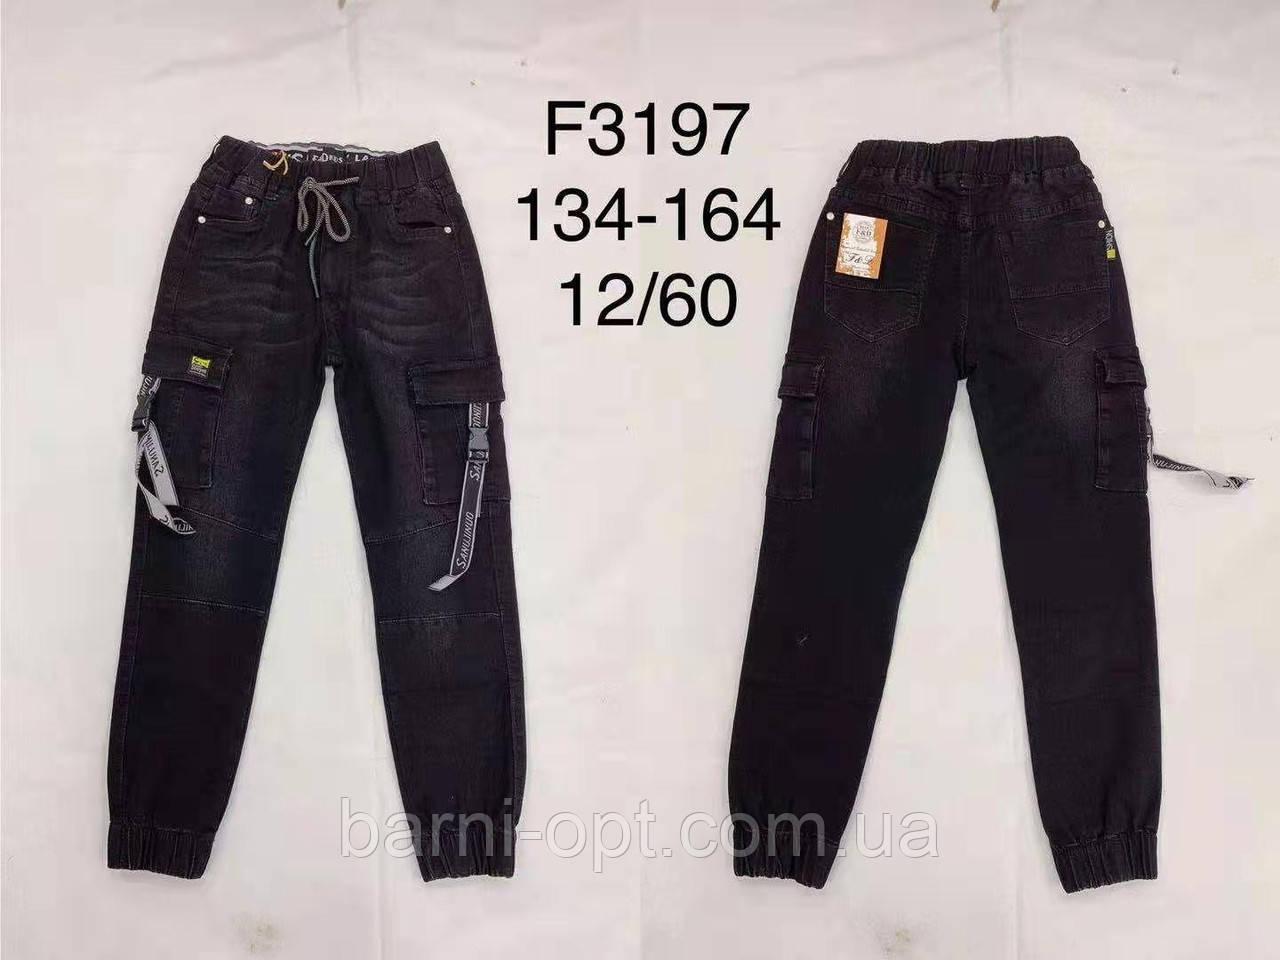 Утеплені джинси-джоггеры на хлопчиків оптом, F&D, рр 134-164